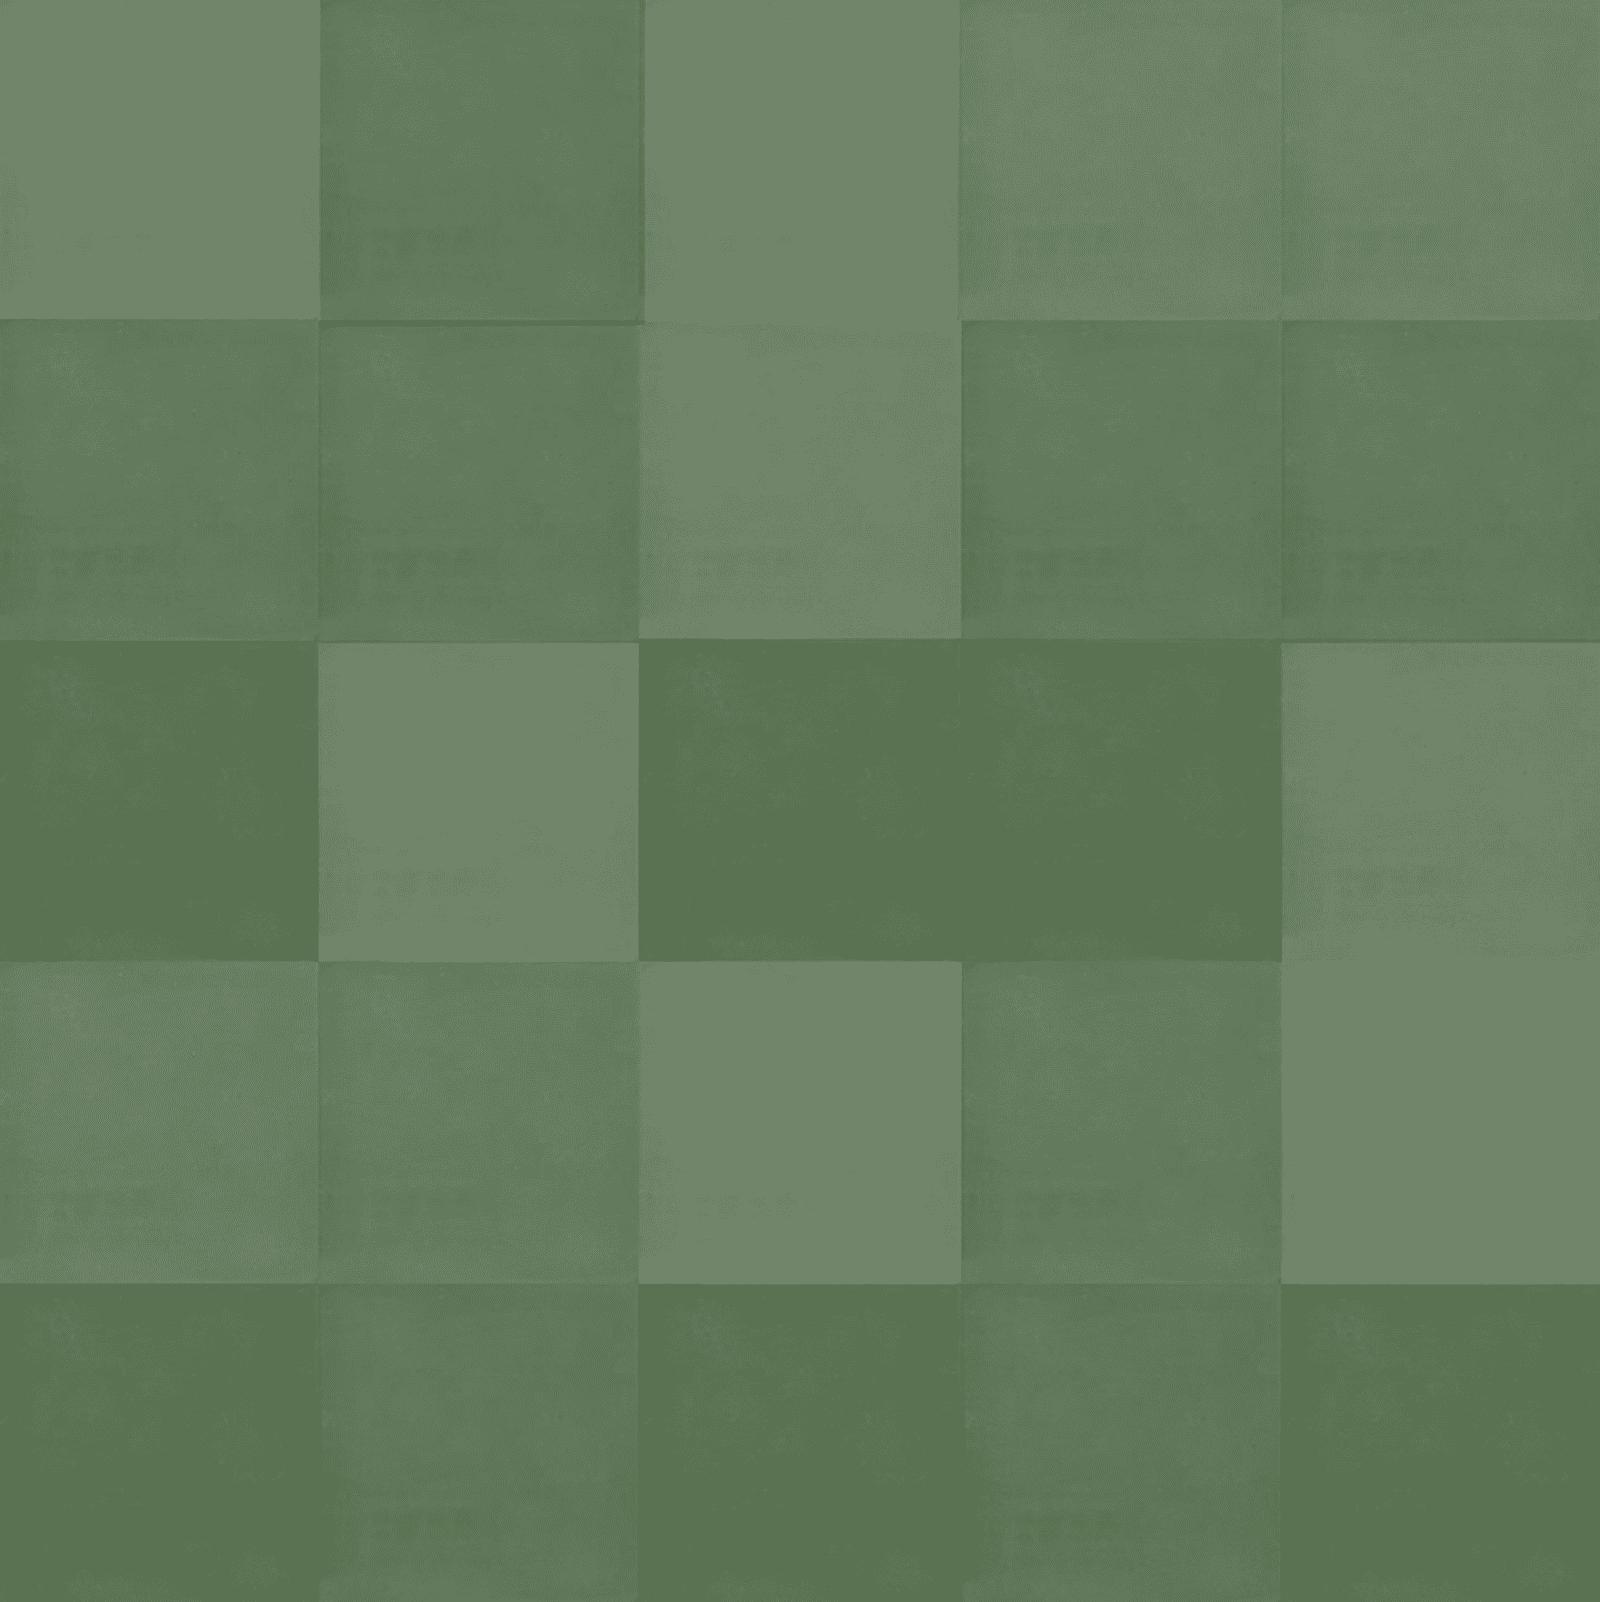 zementfliesen-terrazzofliesen-kreidefarbe-terrazzo-fugenlos-viaplatten-22-verlegemuster | 22